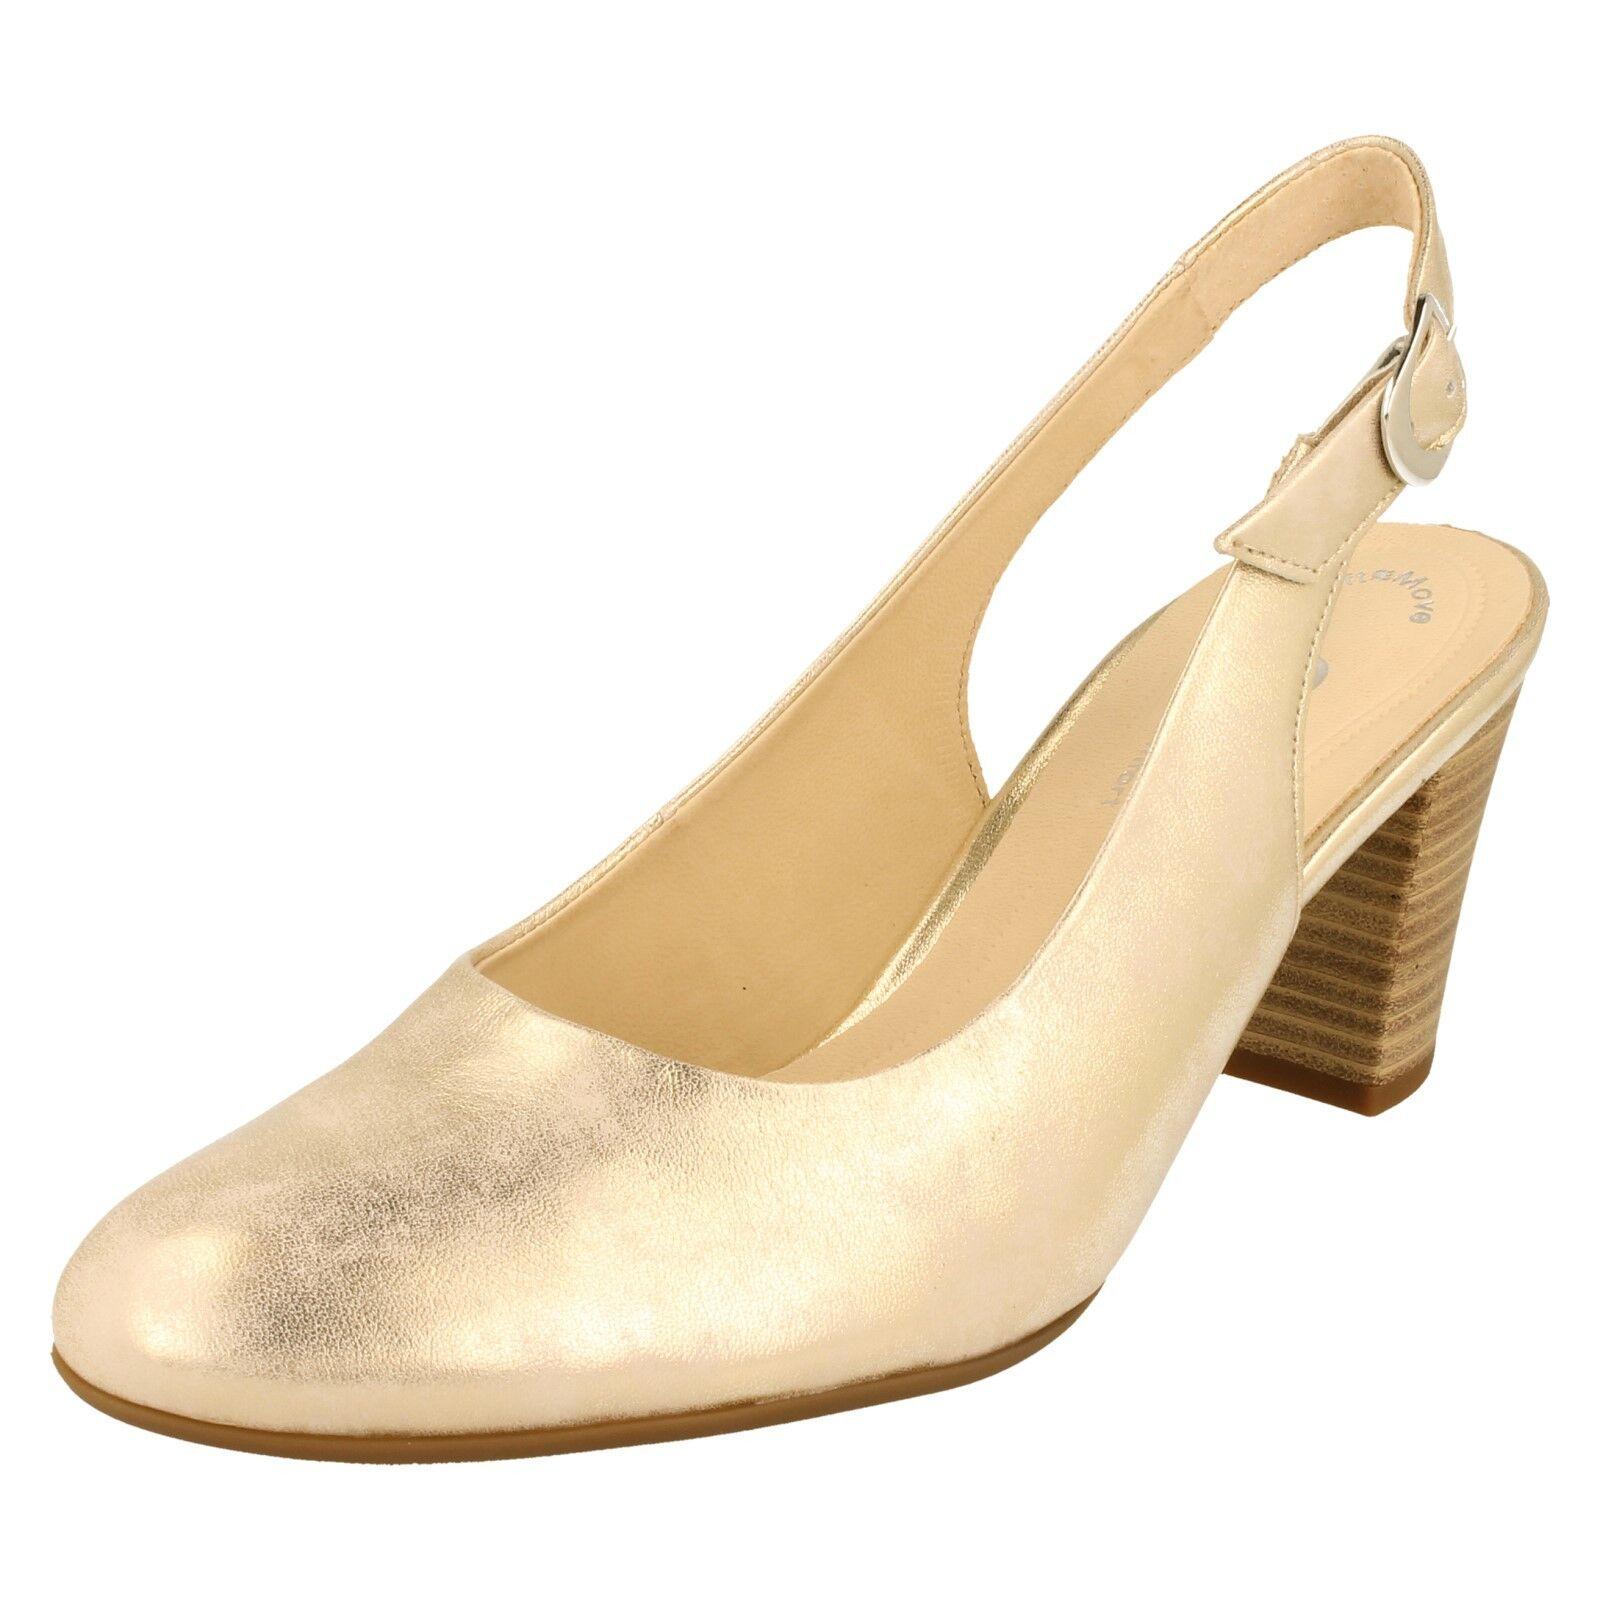 Damen Gabor Riemen Rücken Schuhe Schuhe Schuhe - 62.260 96b257